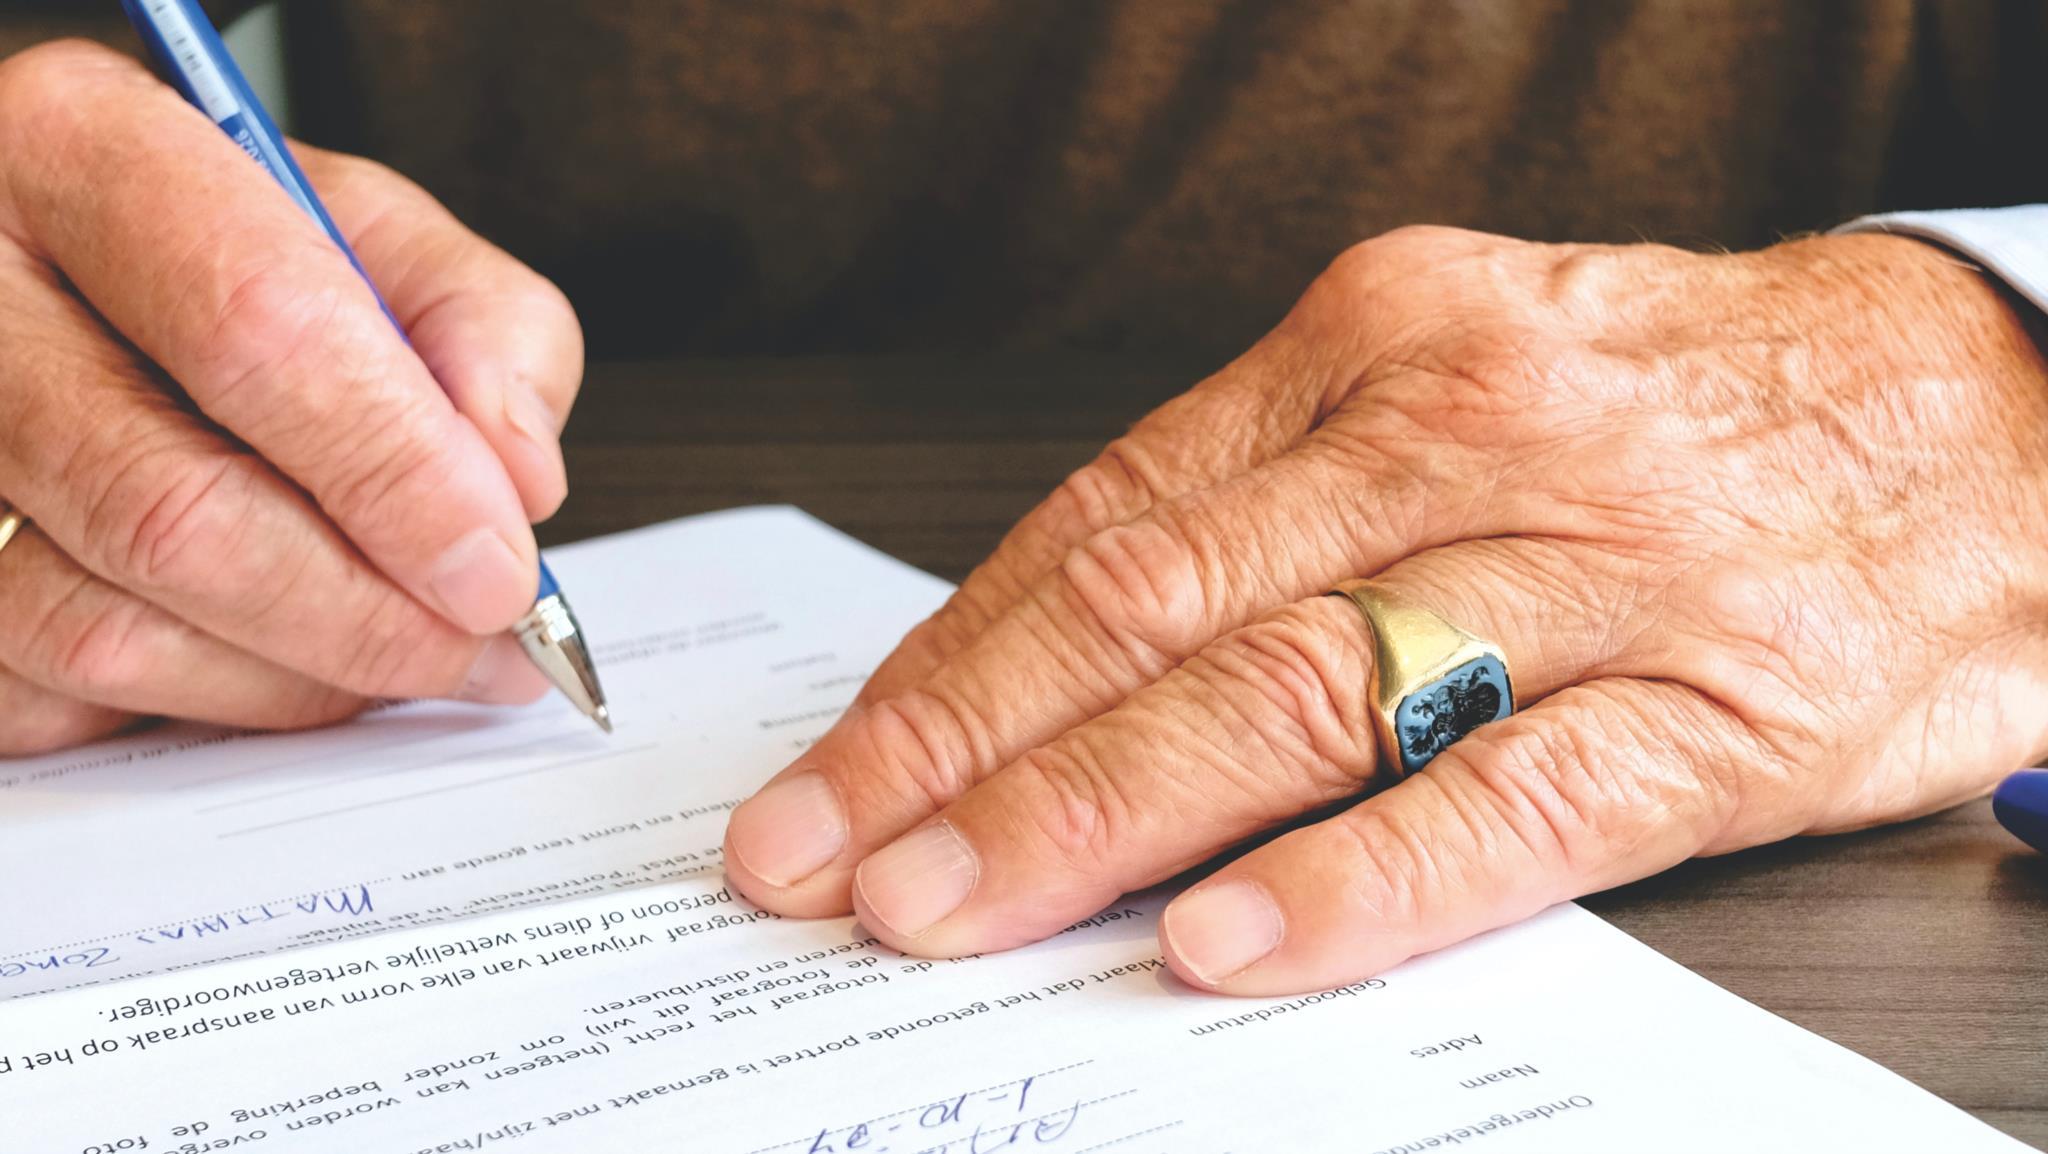 Notariskosten Verkoop Huis: Wie betaalt de kosten van de notaris bij de verkoop van een huis?